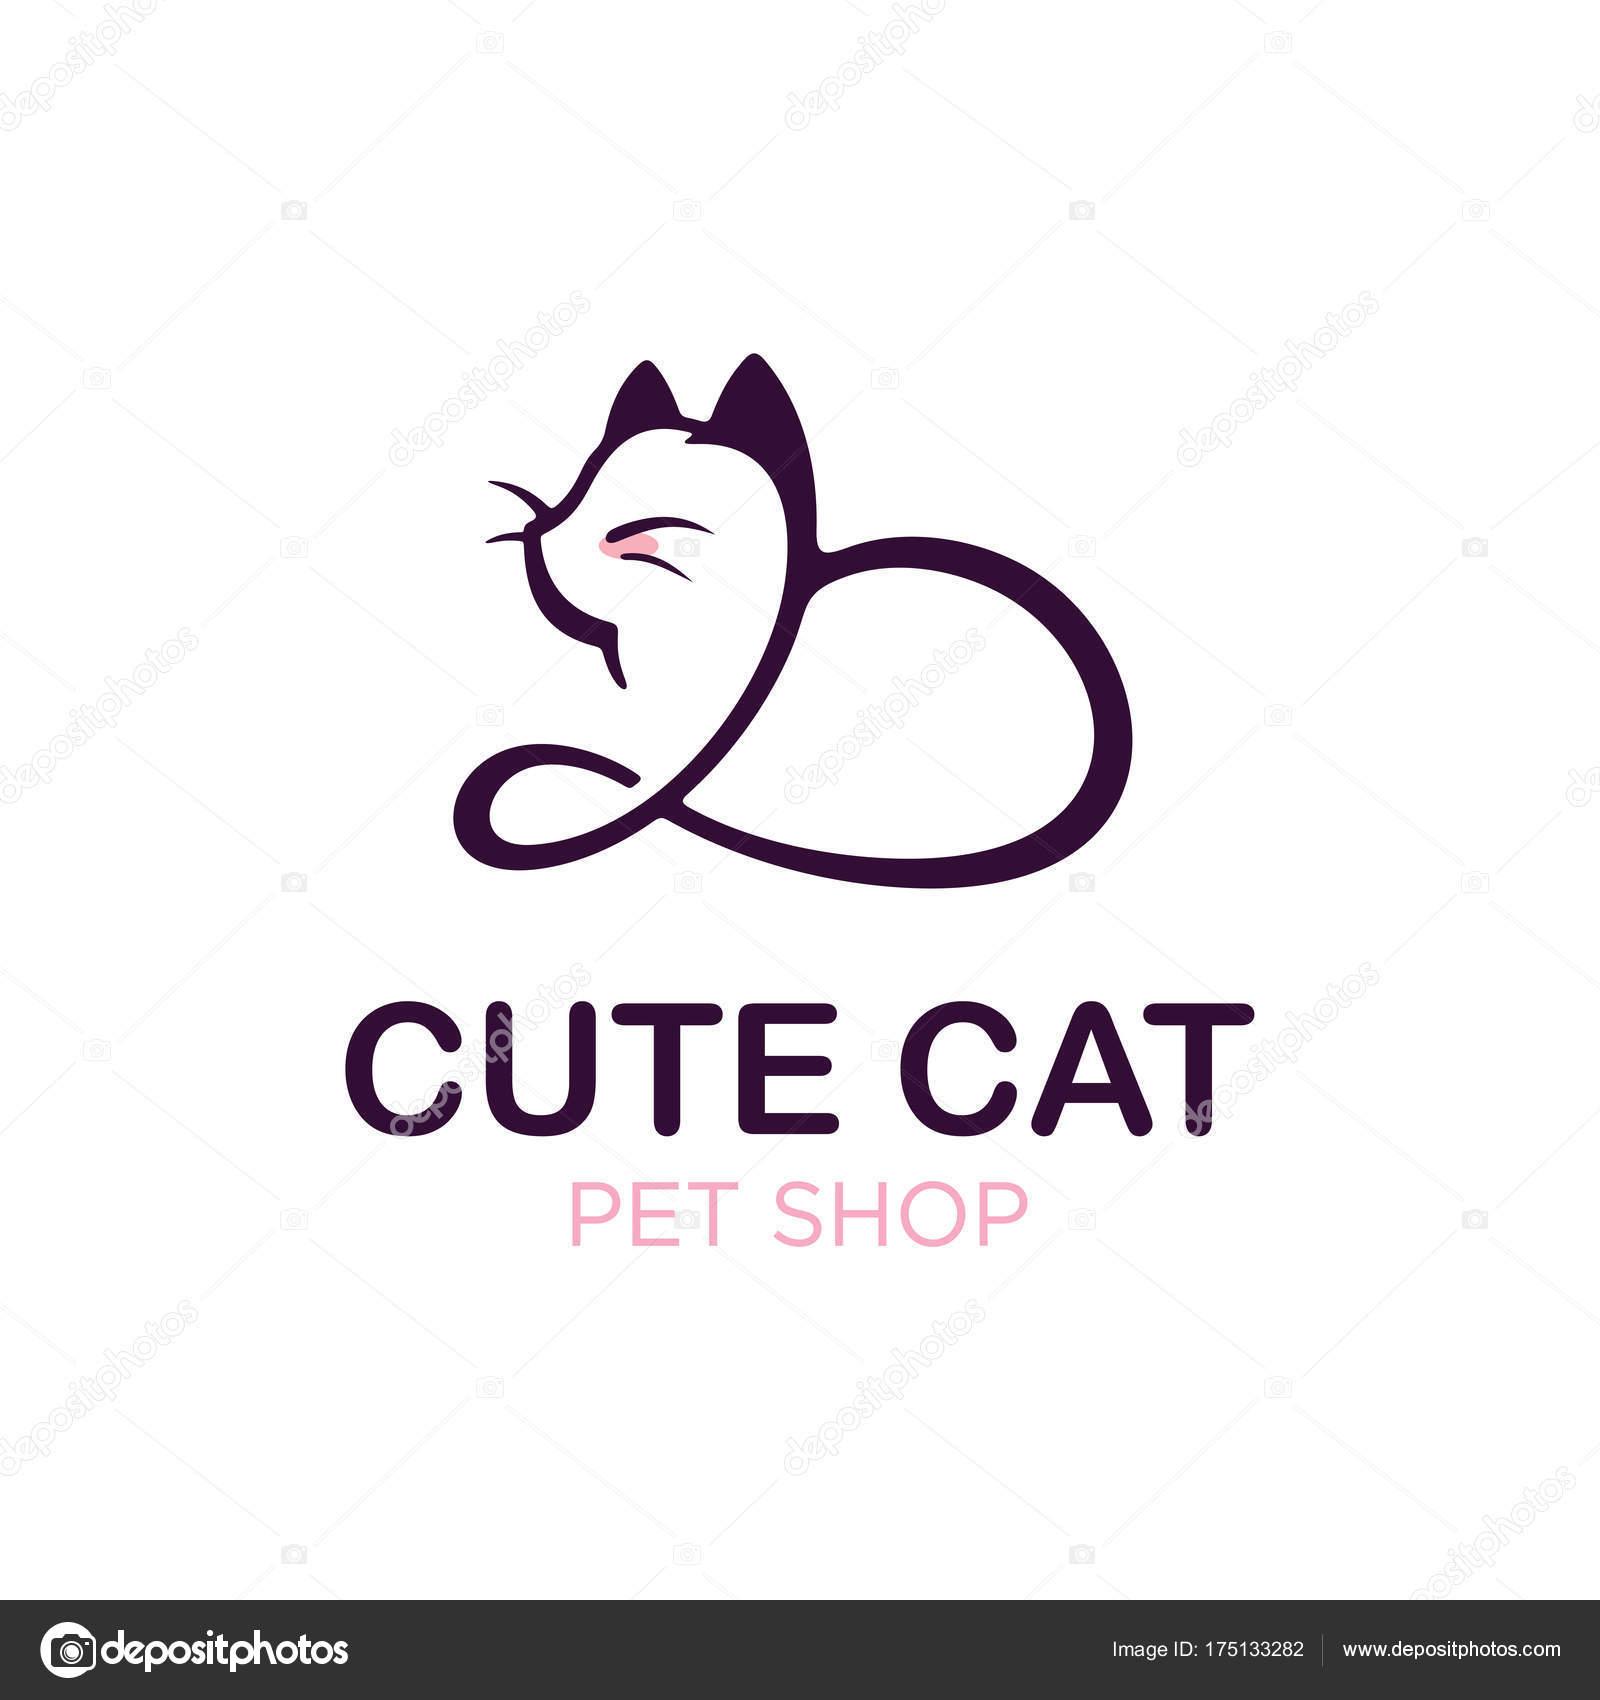 Modern Professonal Logo Illustration Cat, Pet Emblem Design pour Dessin De Petshop